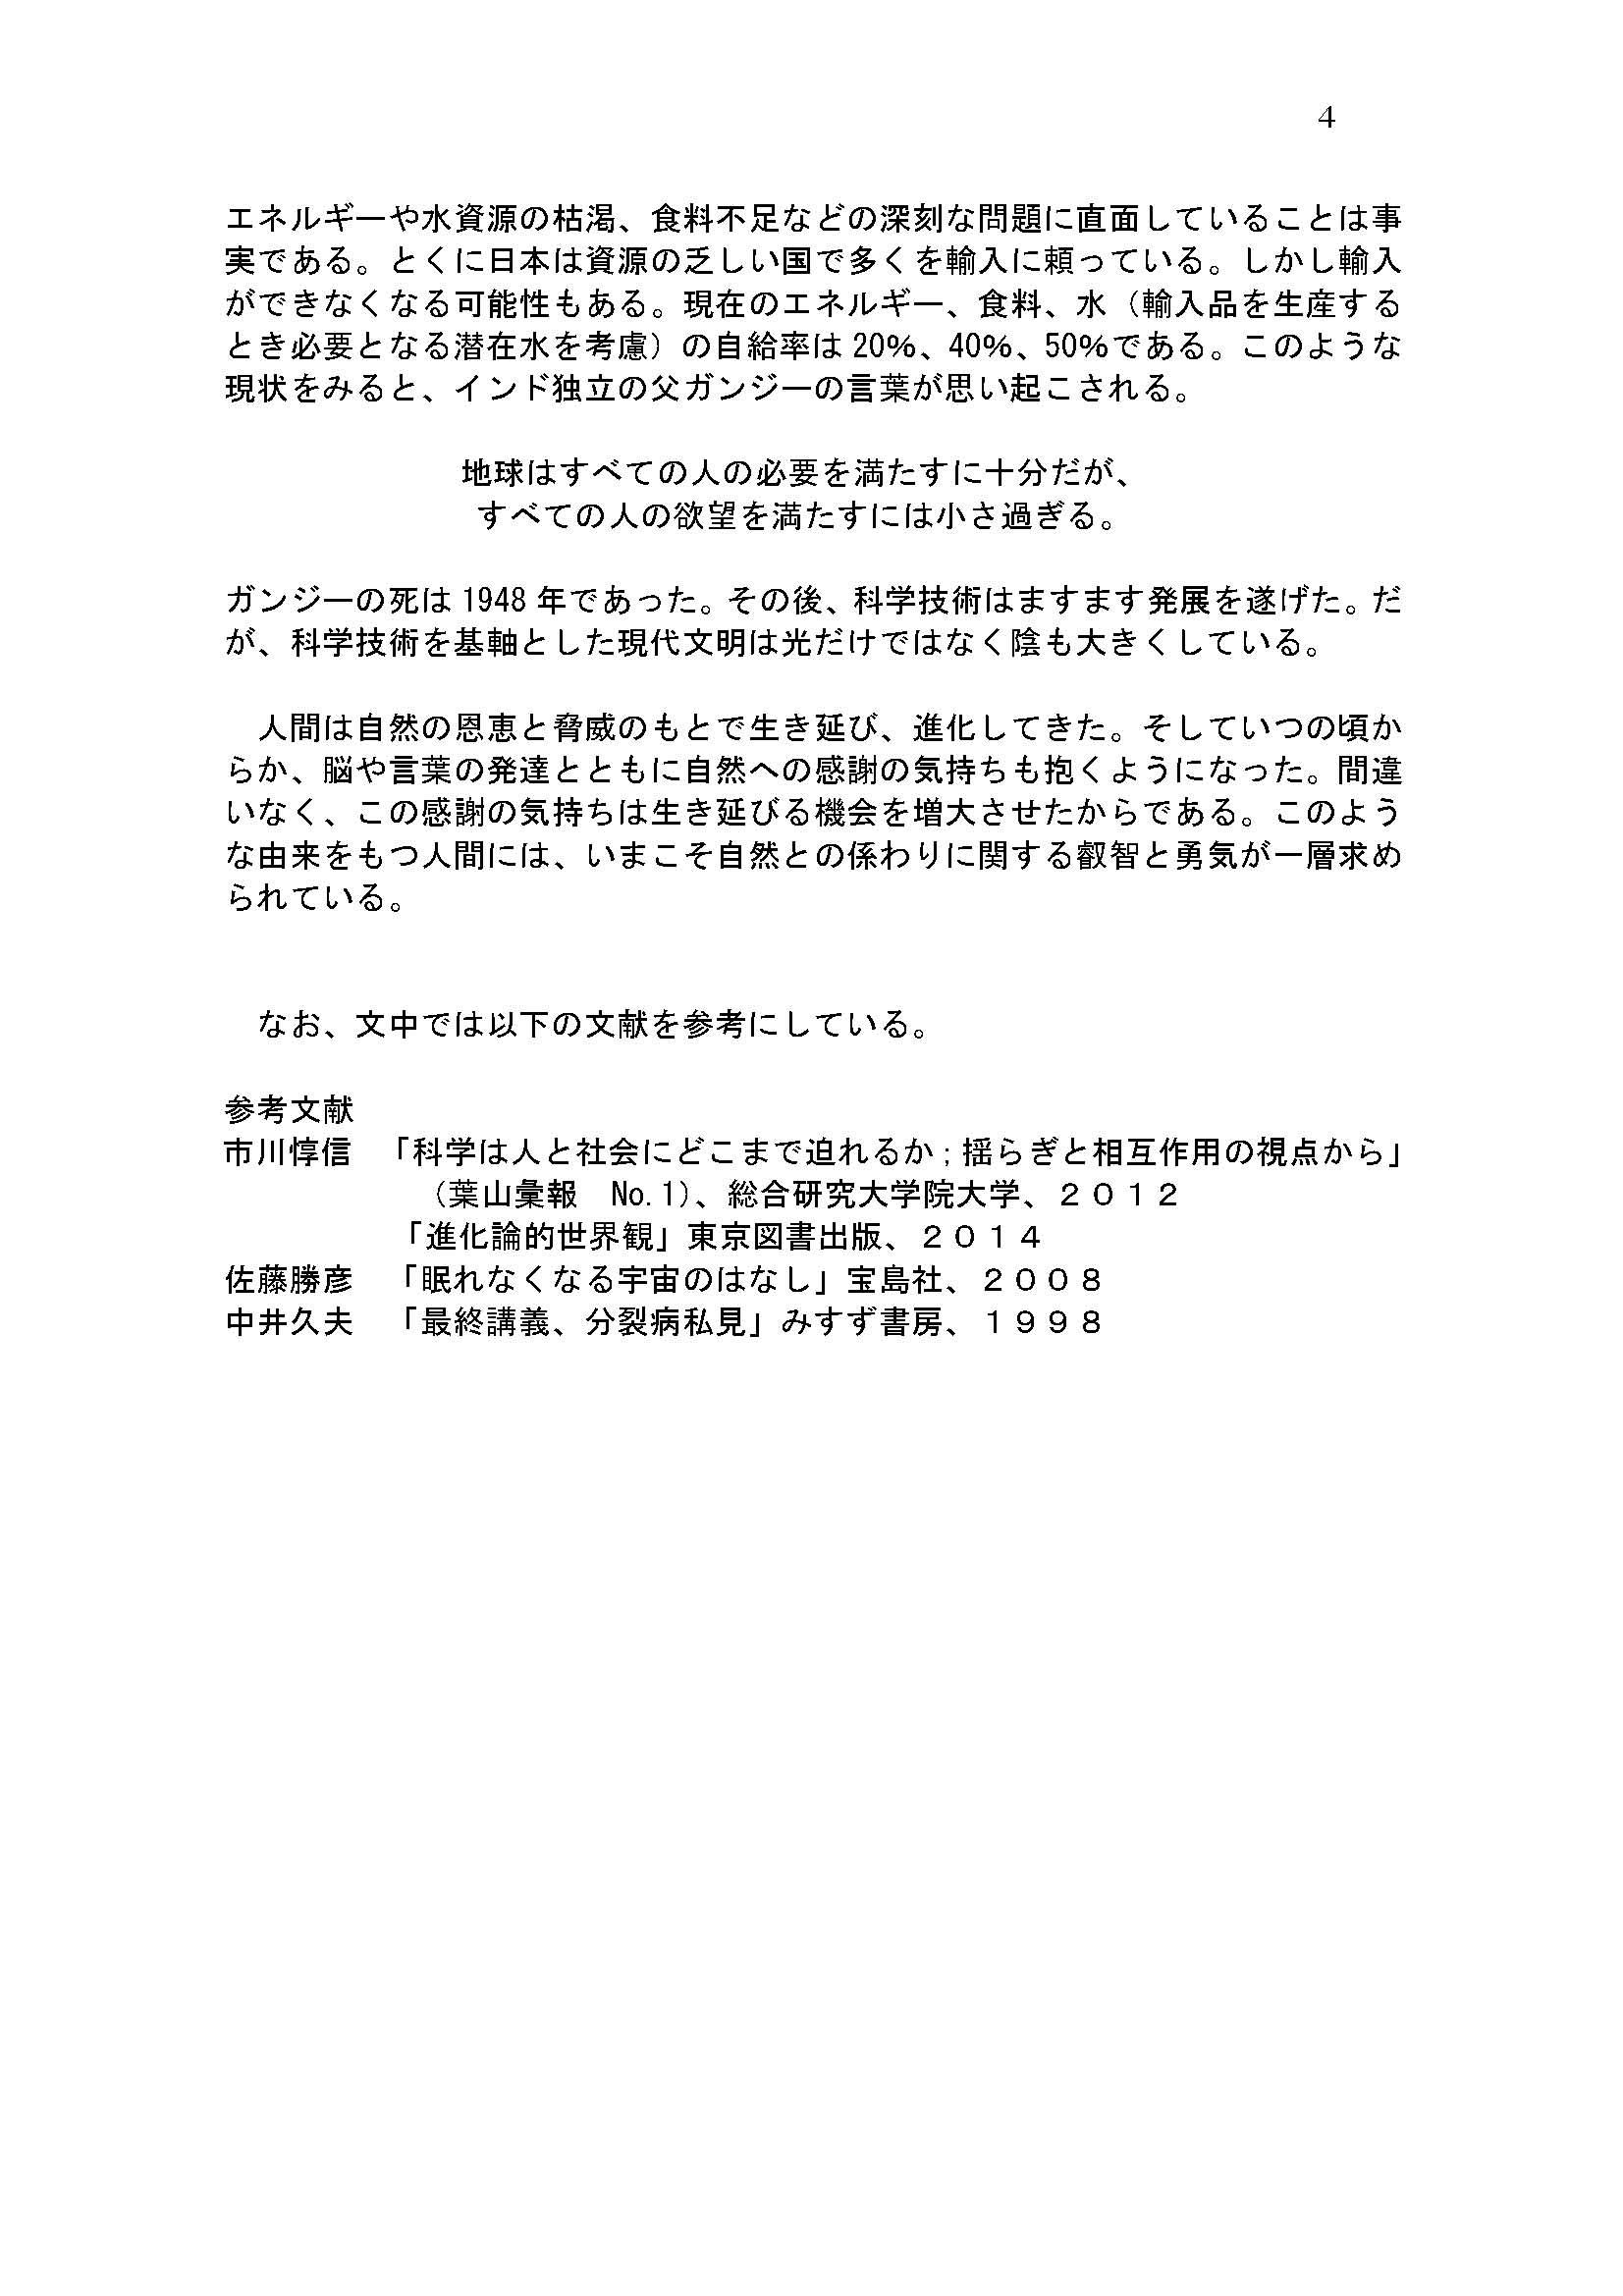 高畑会長挨拶/設立3周年に想う_ページ_4